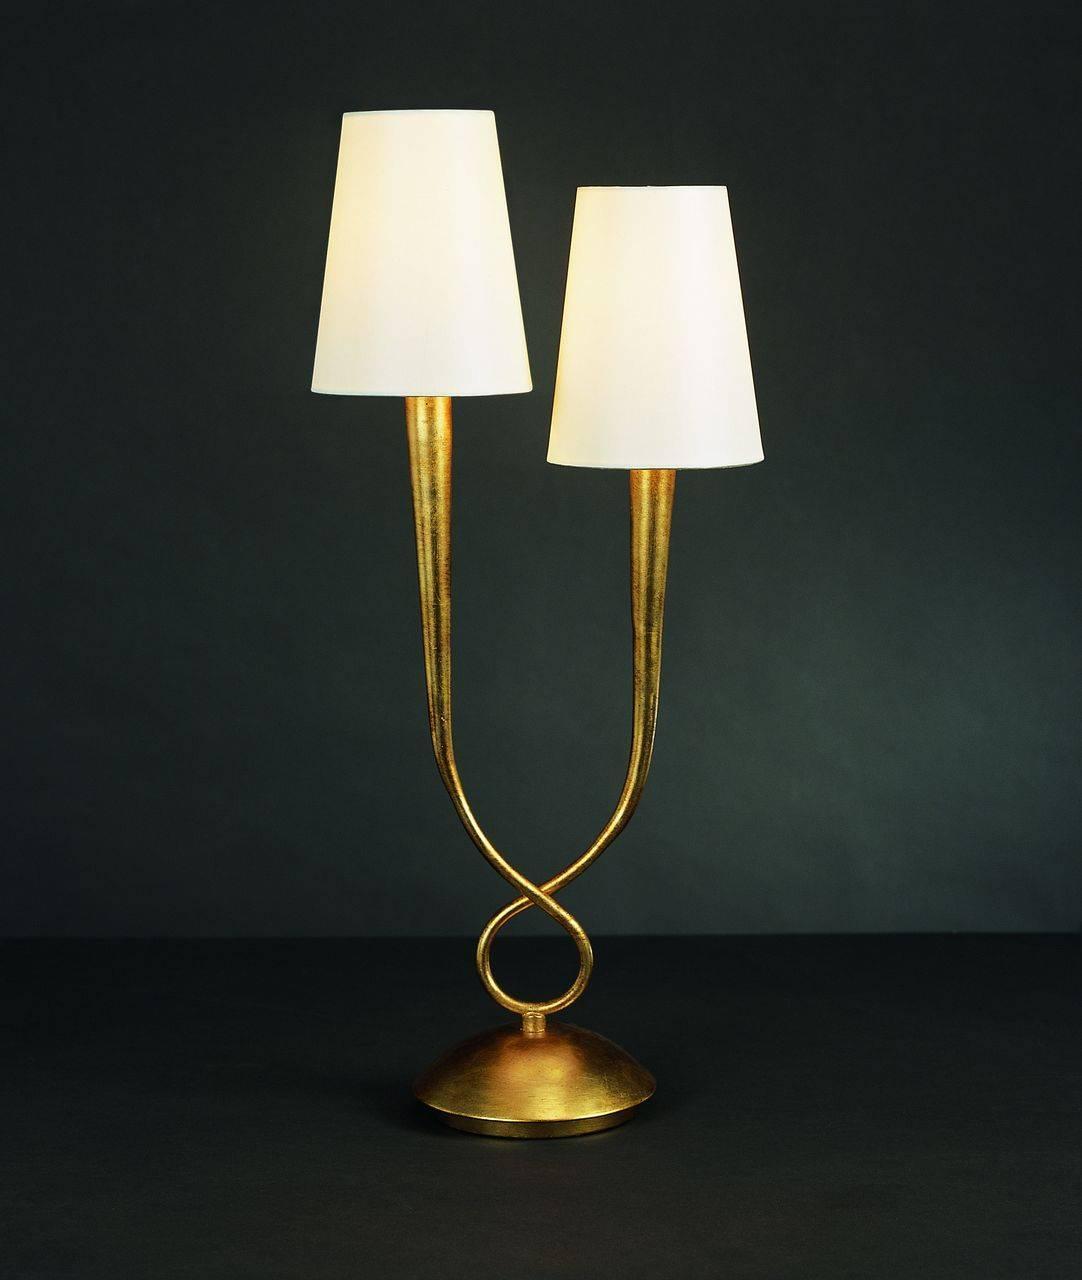 Настольная лампа Mantra Paola Painted Gold 3546 настольная лампа mantra paola painted gold 3545